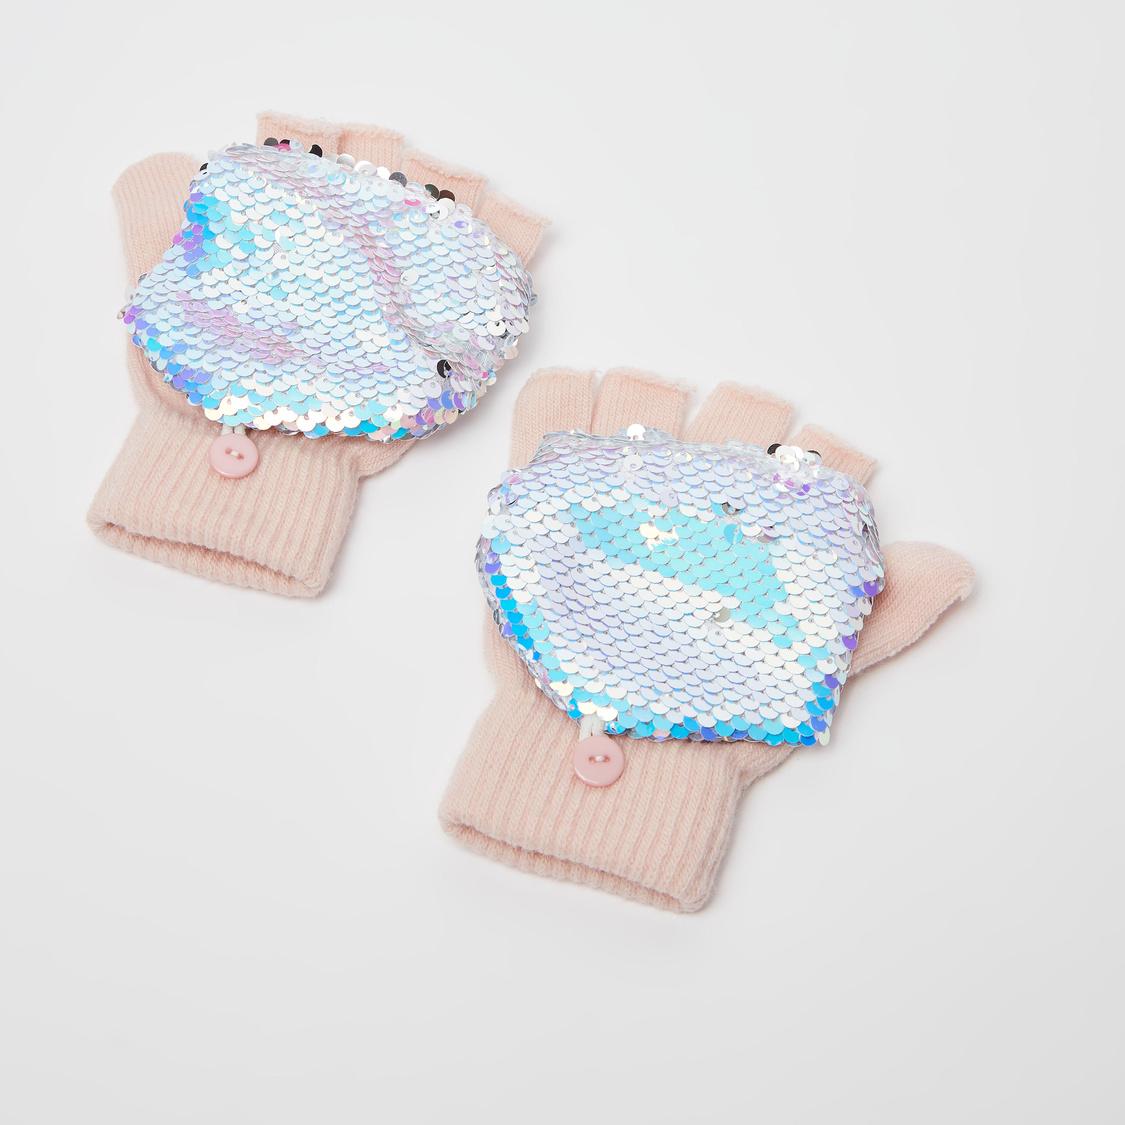 طقم غطاء للأذنين وقفازات مزين بالترتر